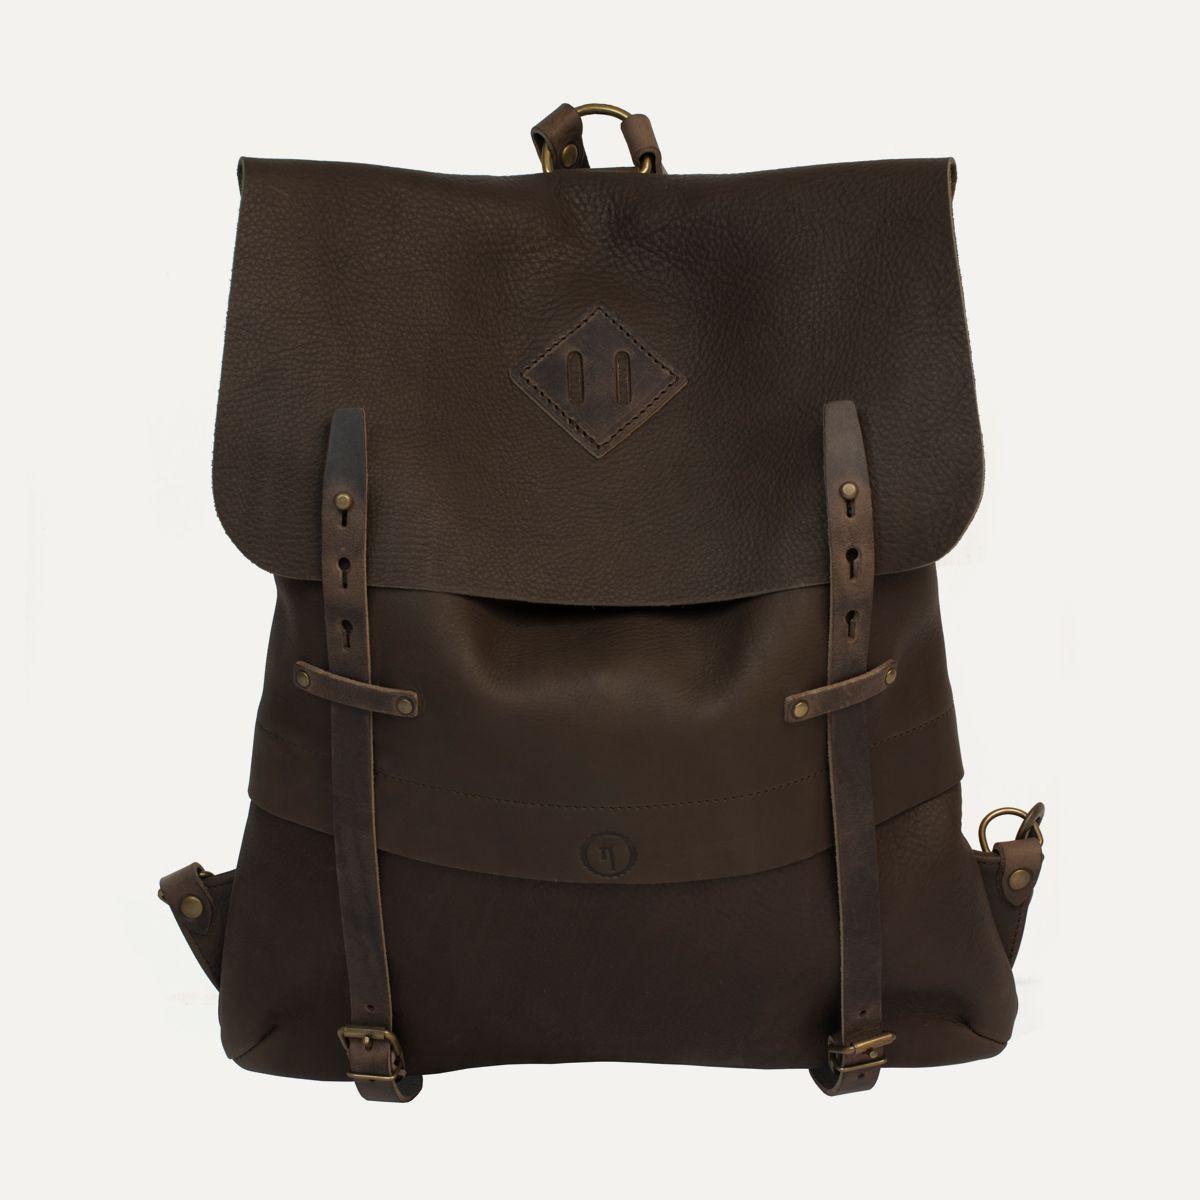 sac dos coursier cuir kenya coursier backpack kenya bleu de chauffe made in france. Black Bedroom Furniture Sets. Home Design Ideas